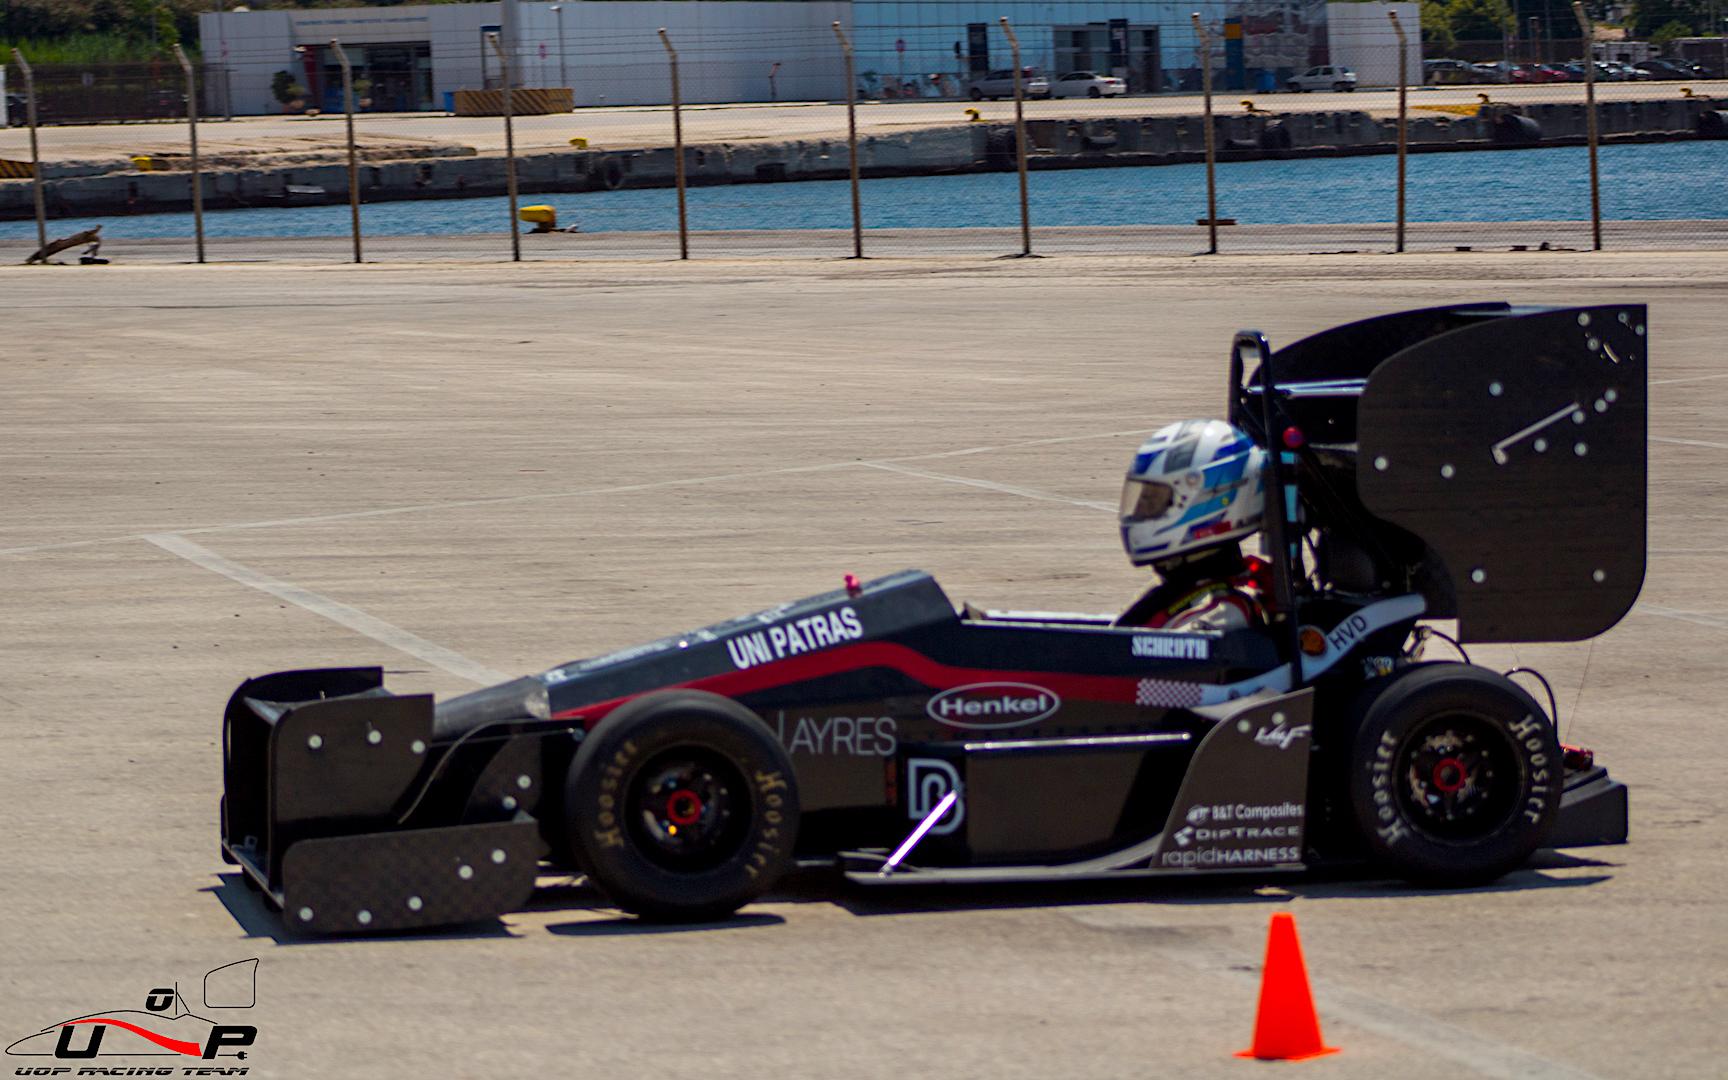 UoP Racing